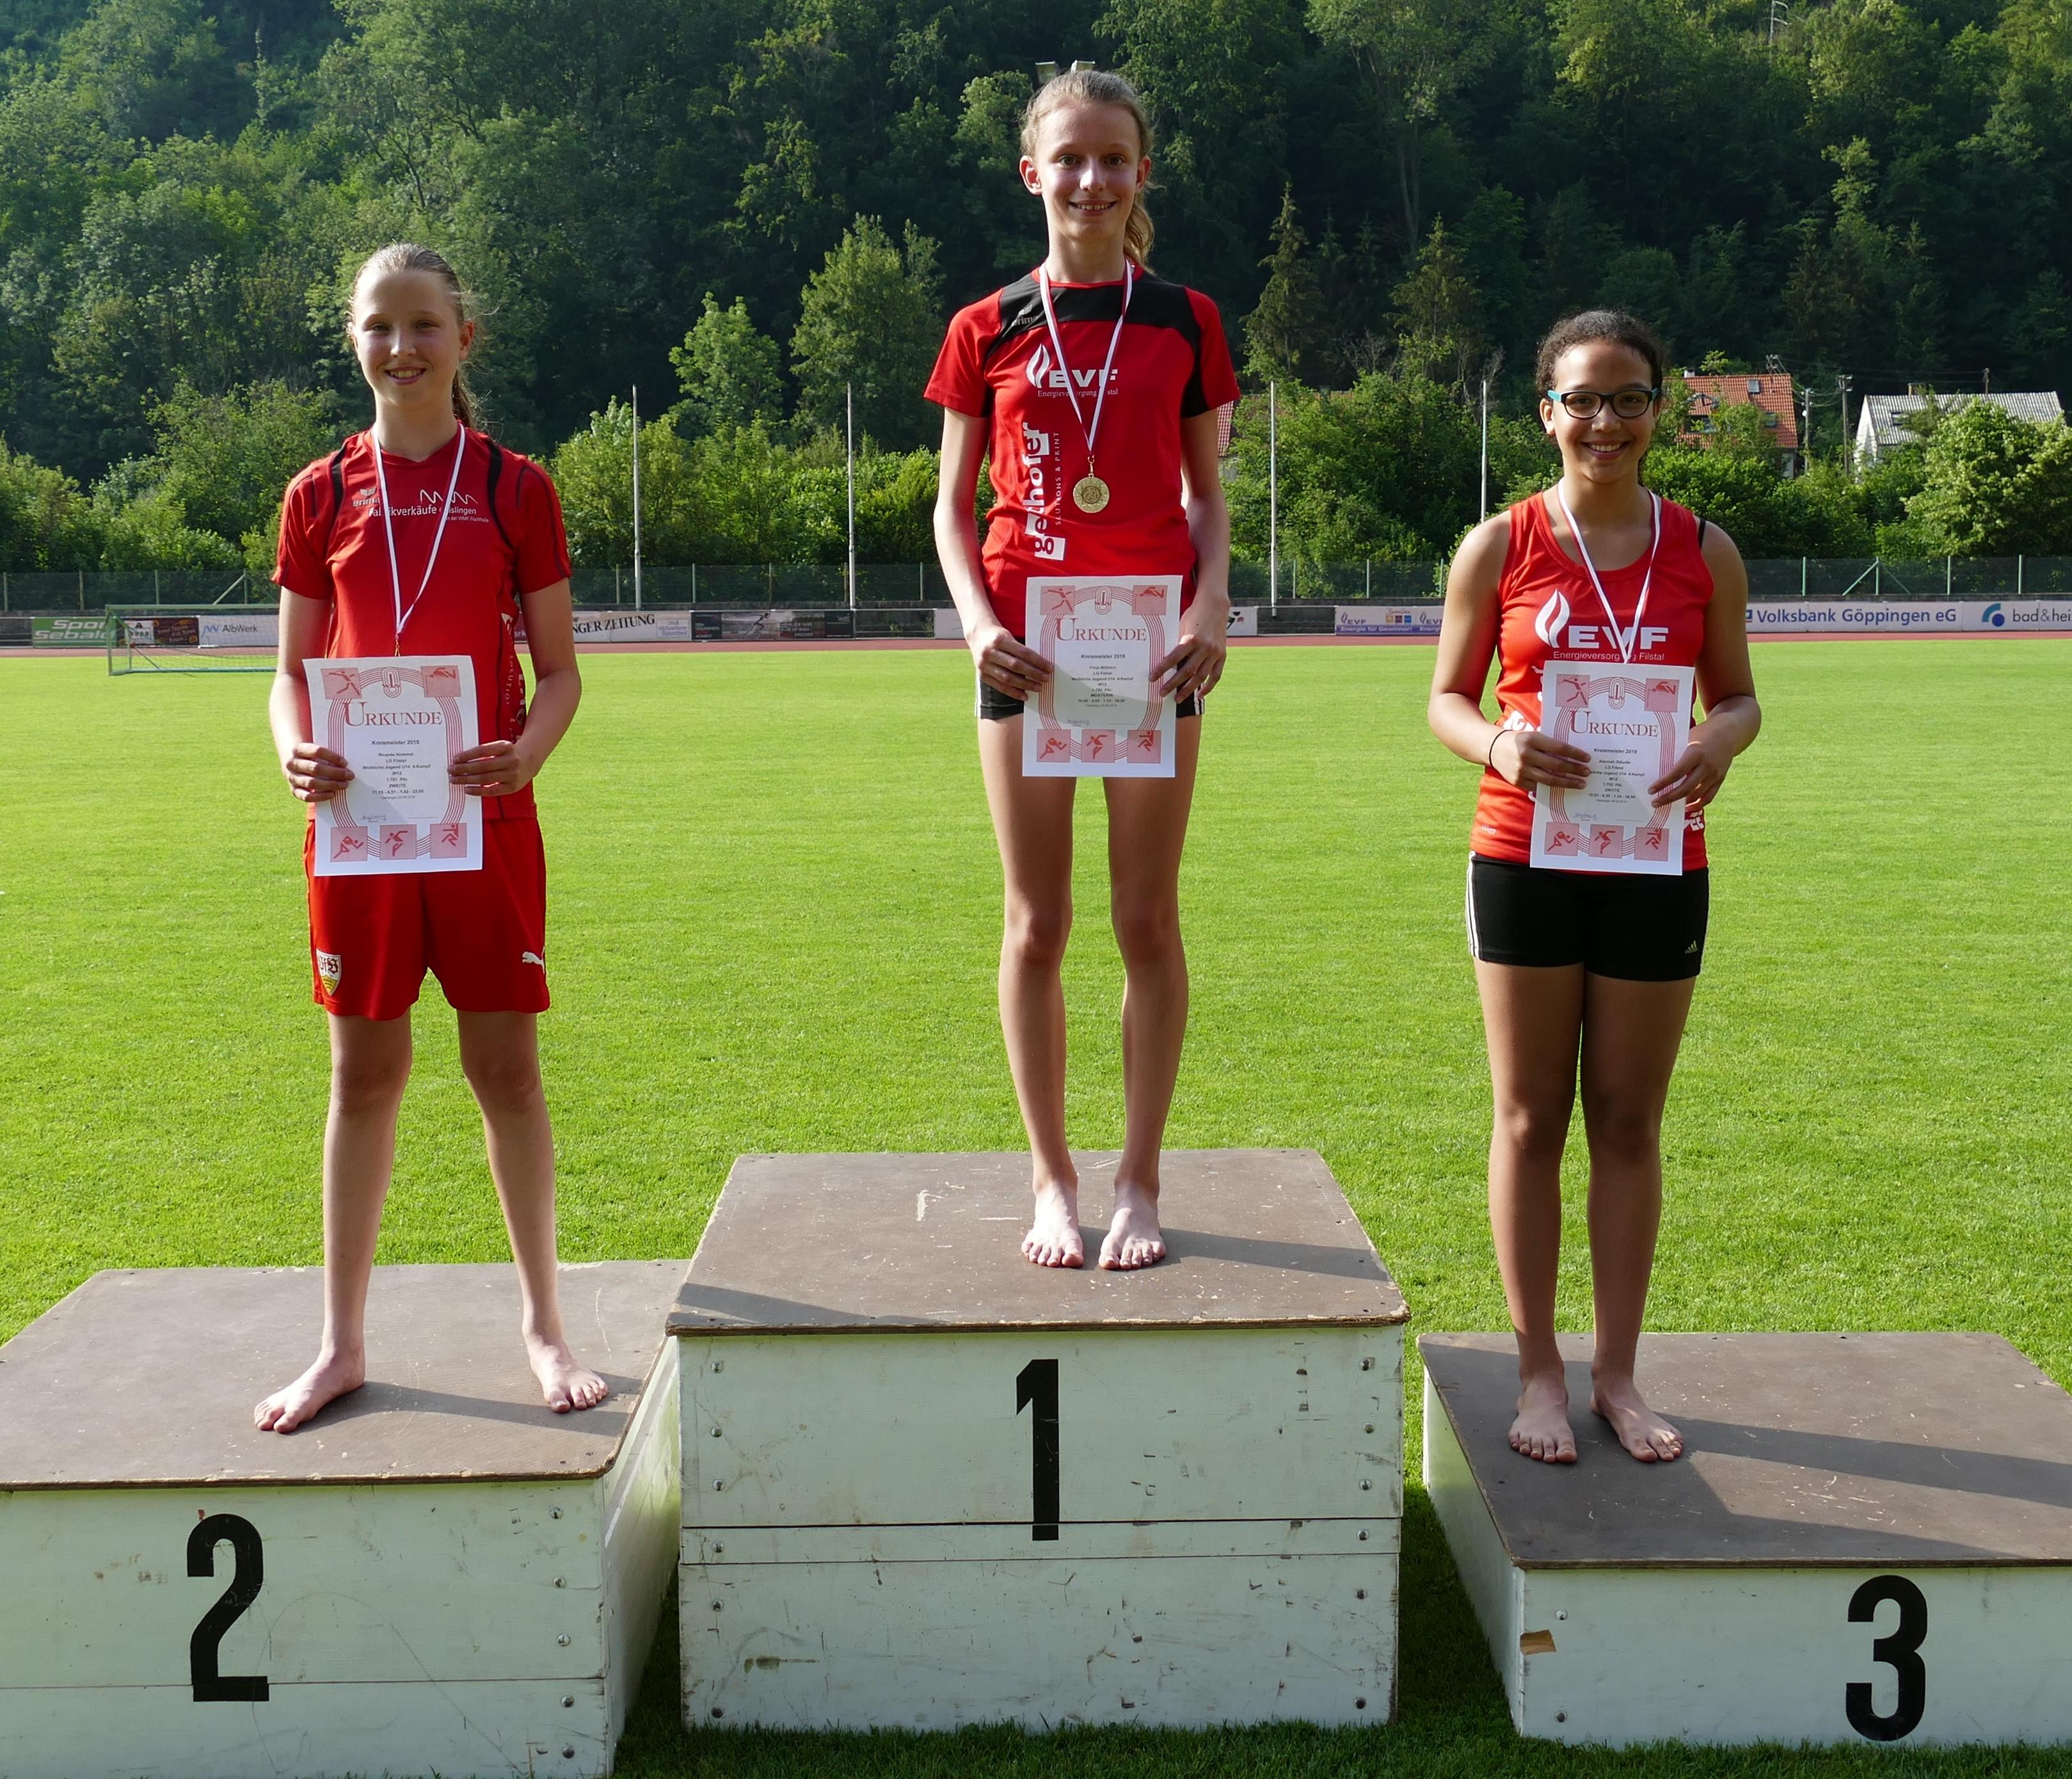 Finja Willnich LG Filstal KM 4-Kampf